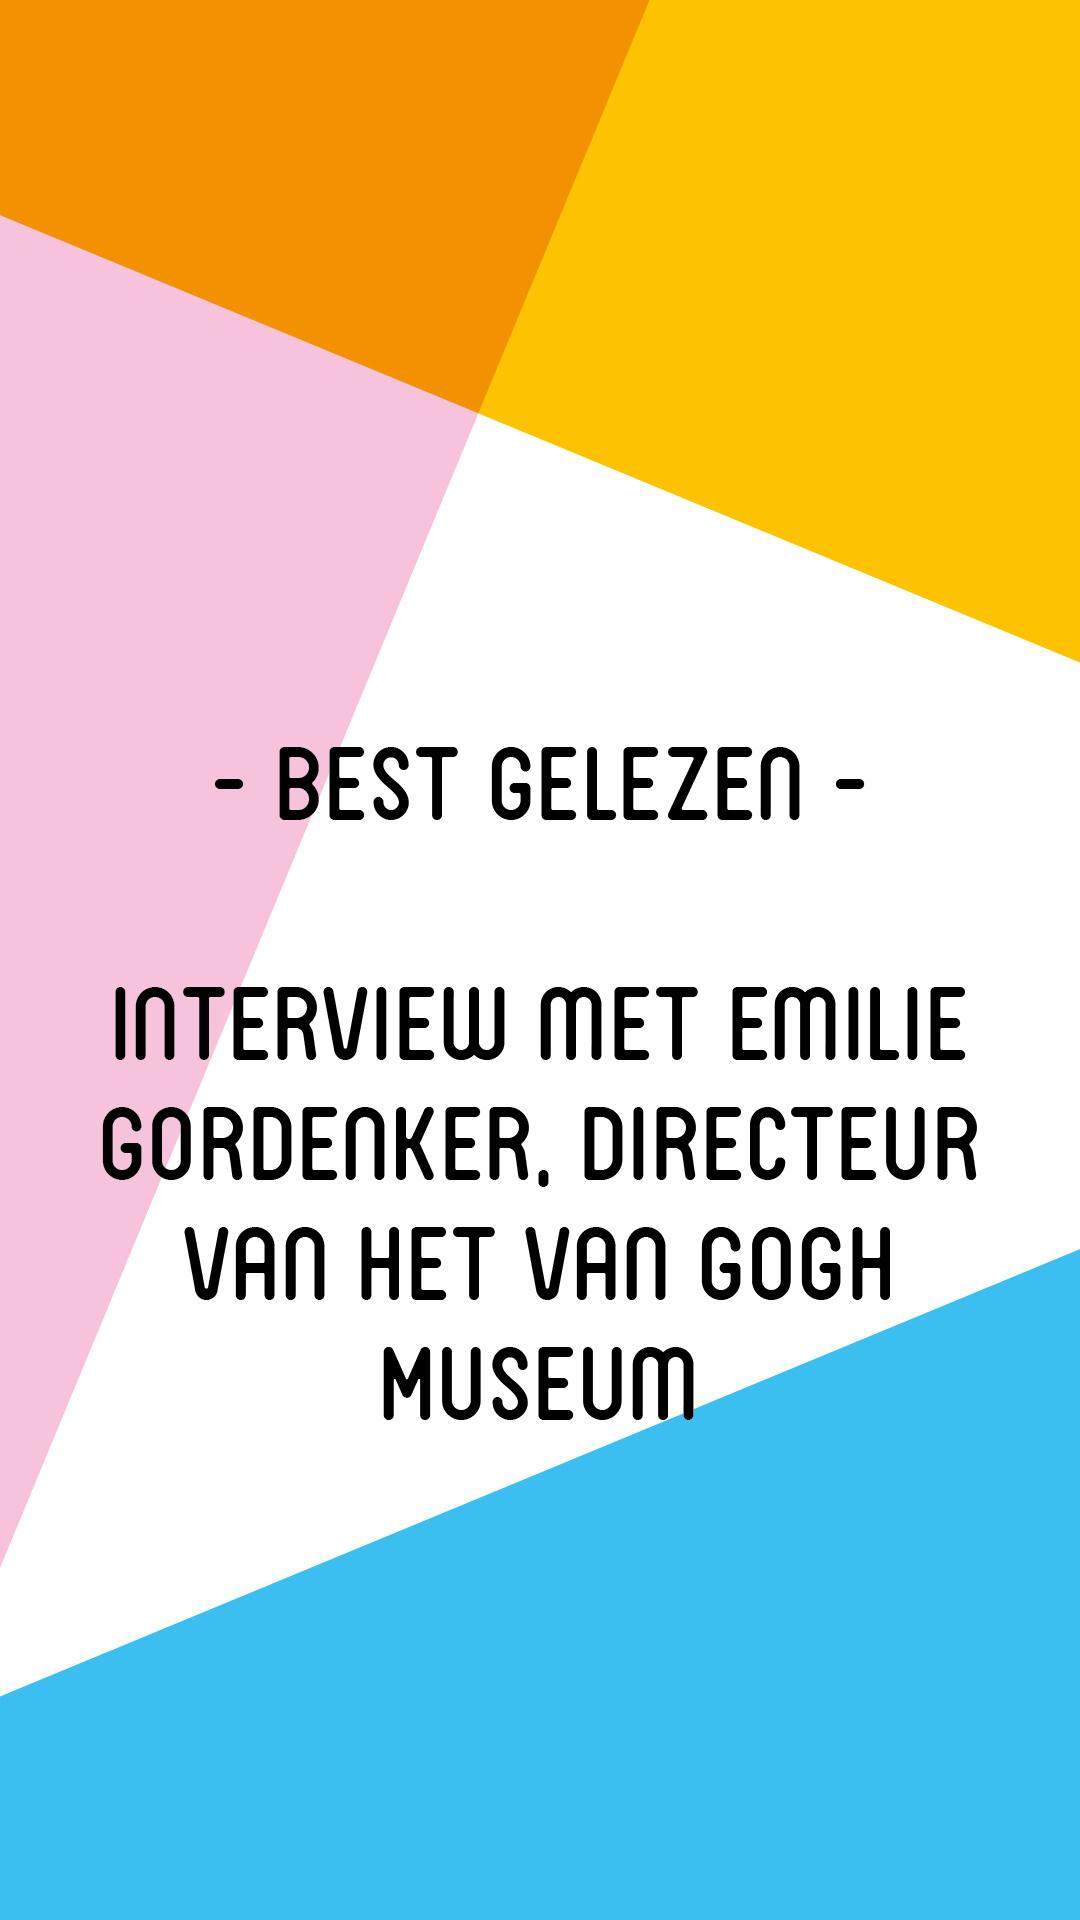 Interview met Emilie Gordenker, directeur van het Van Gogh Museum